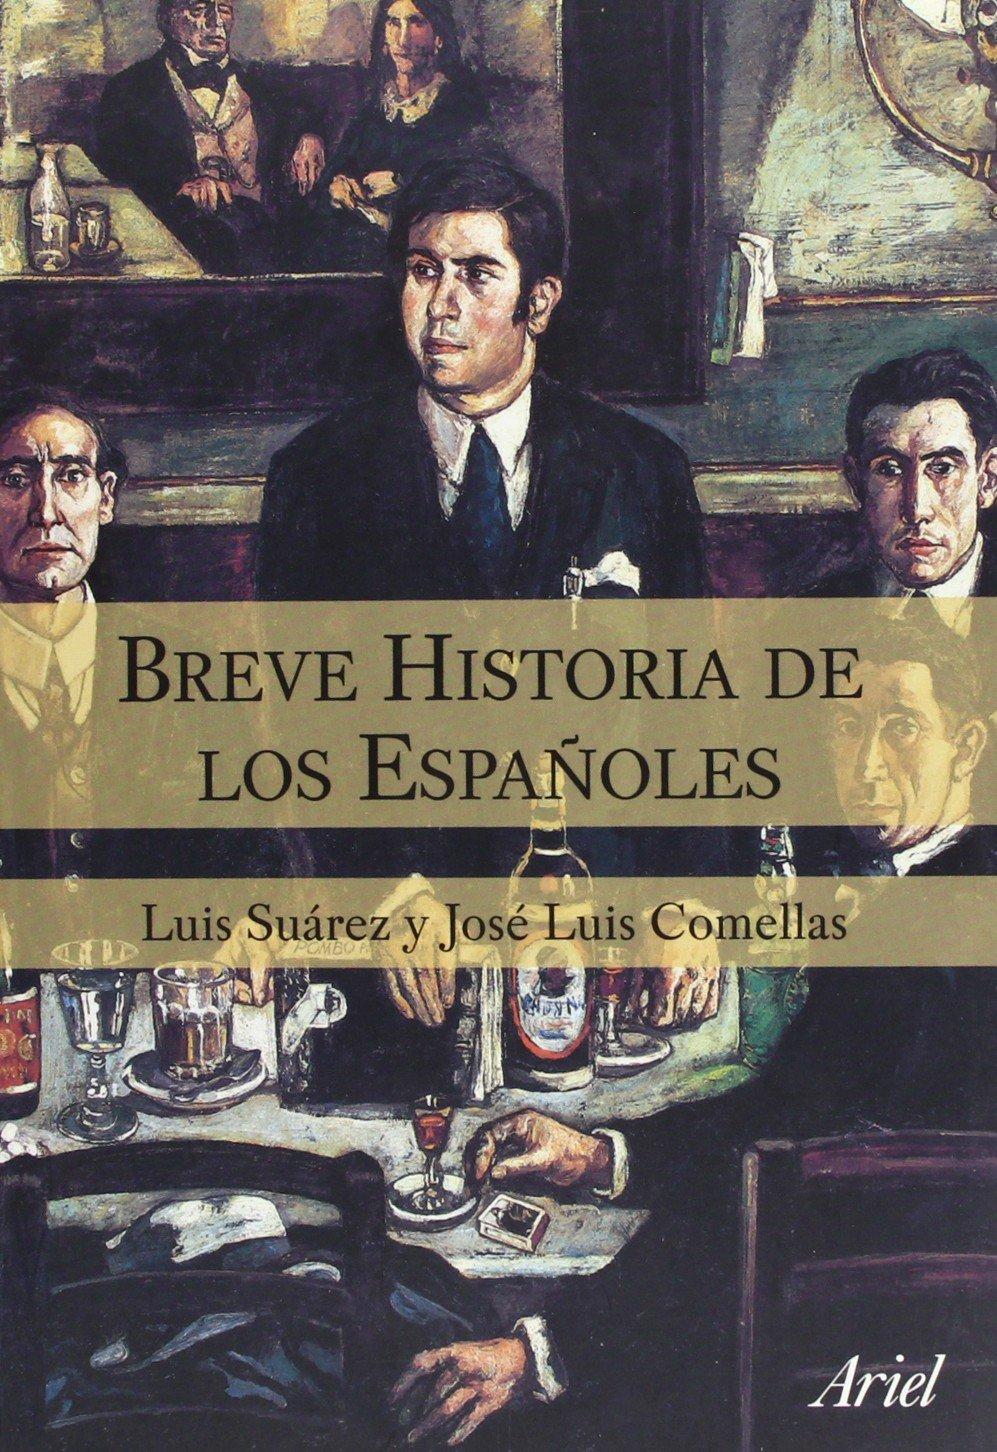 Breve historia de los españoles (Ariel Historia): Amazon.es: Comellas, José Luis, Suárez Fernández, Luis: Libros